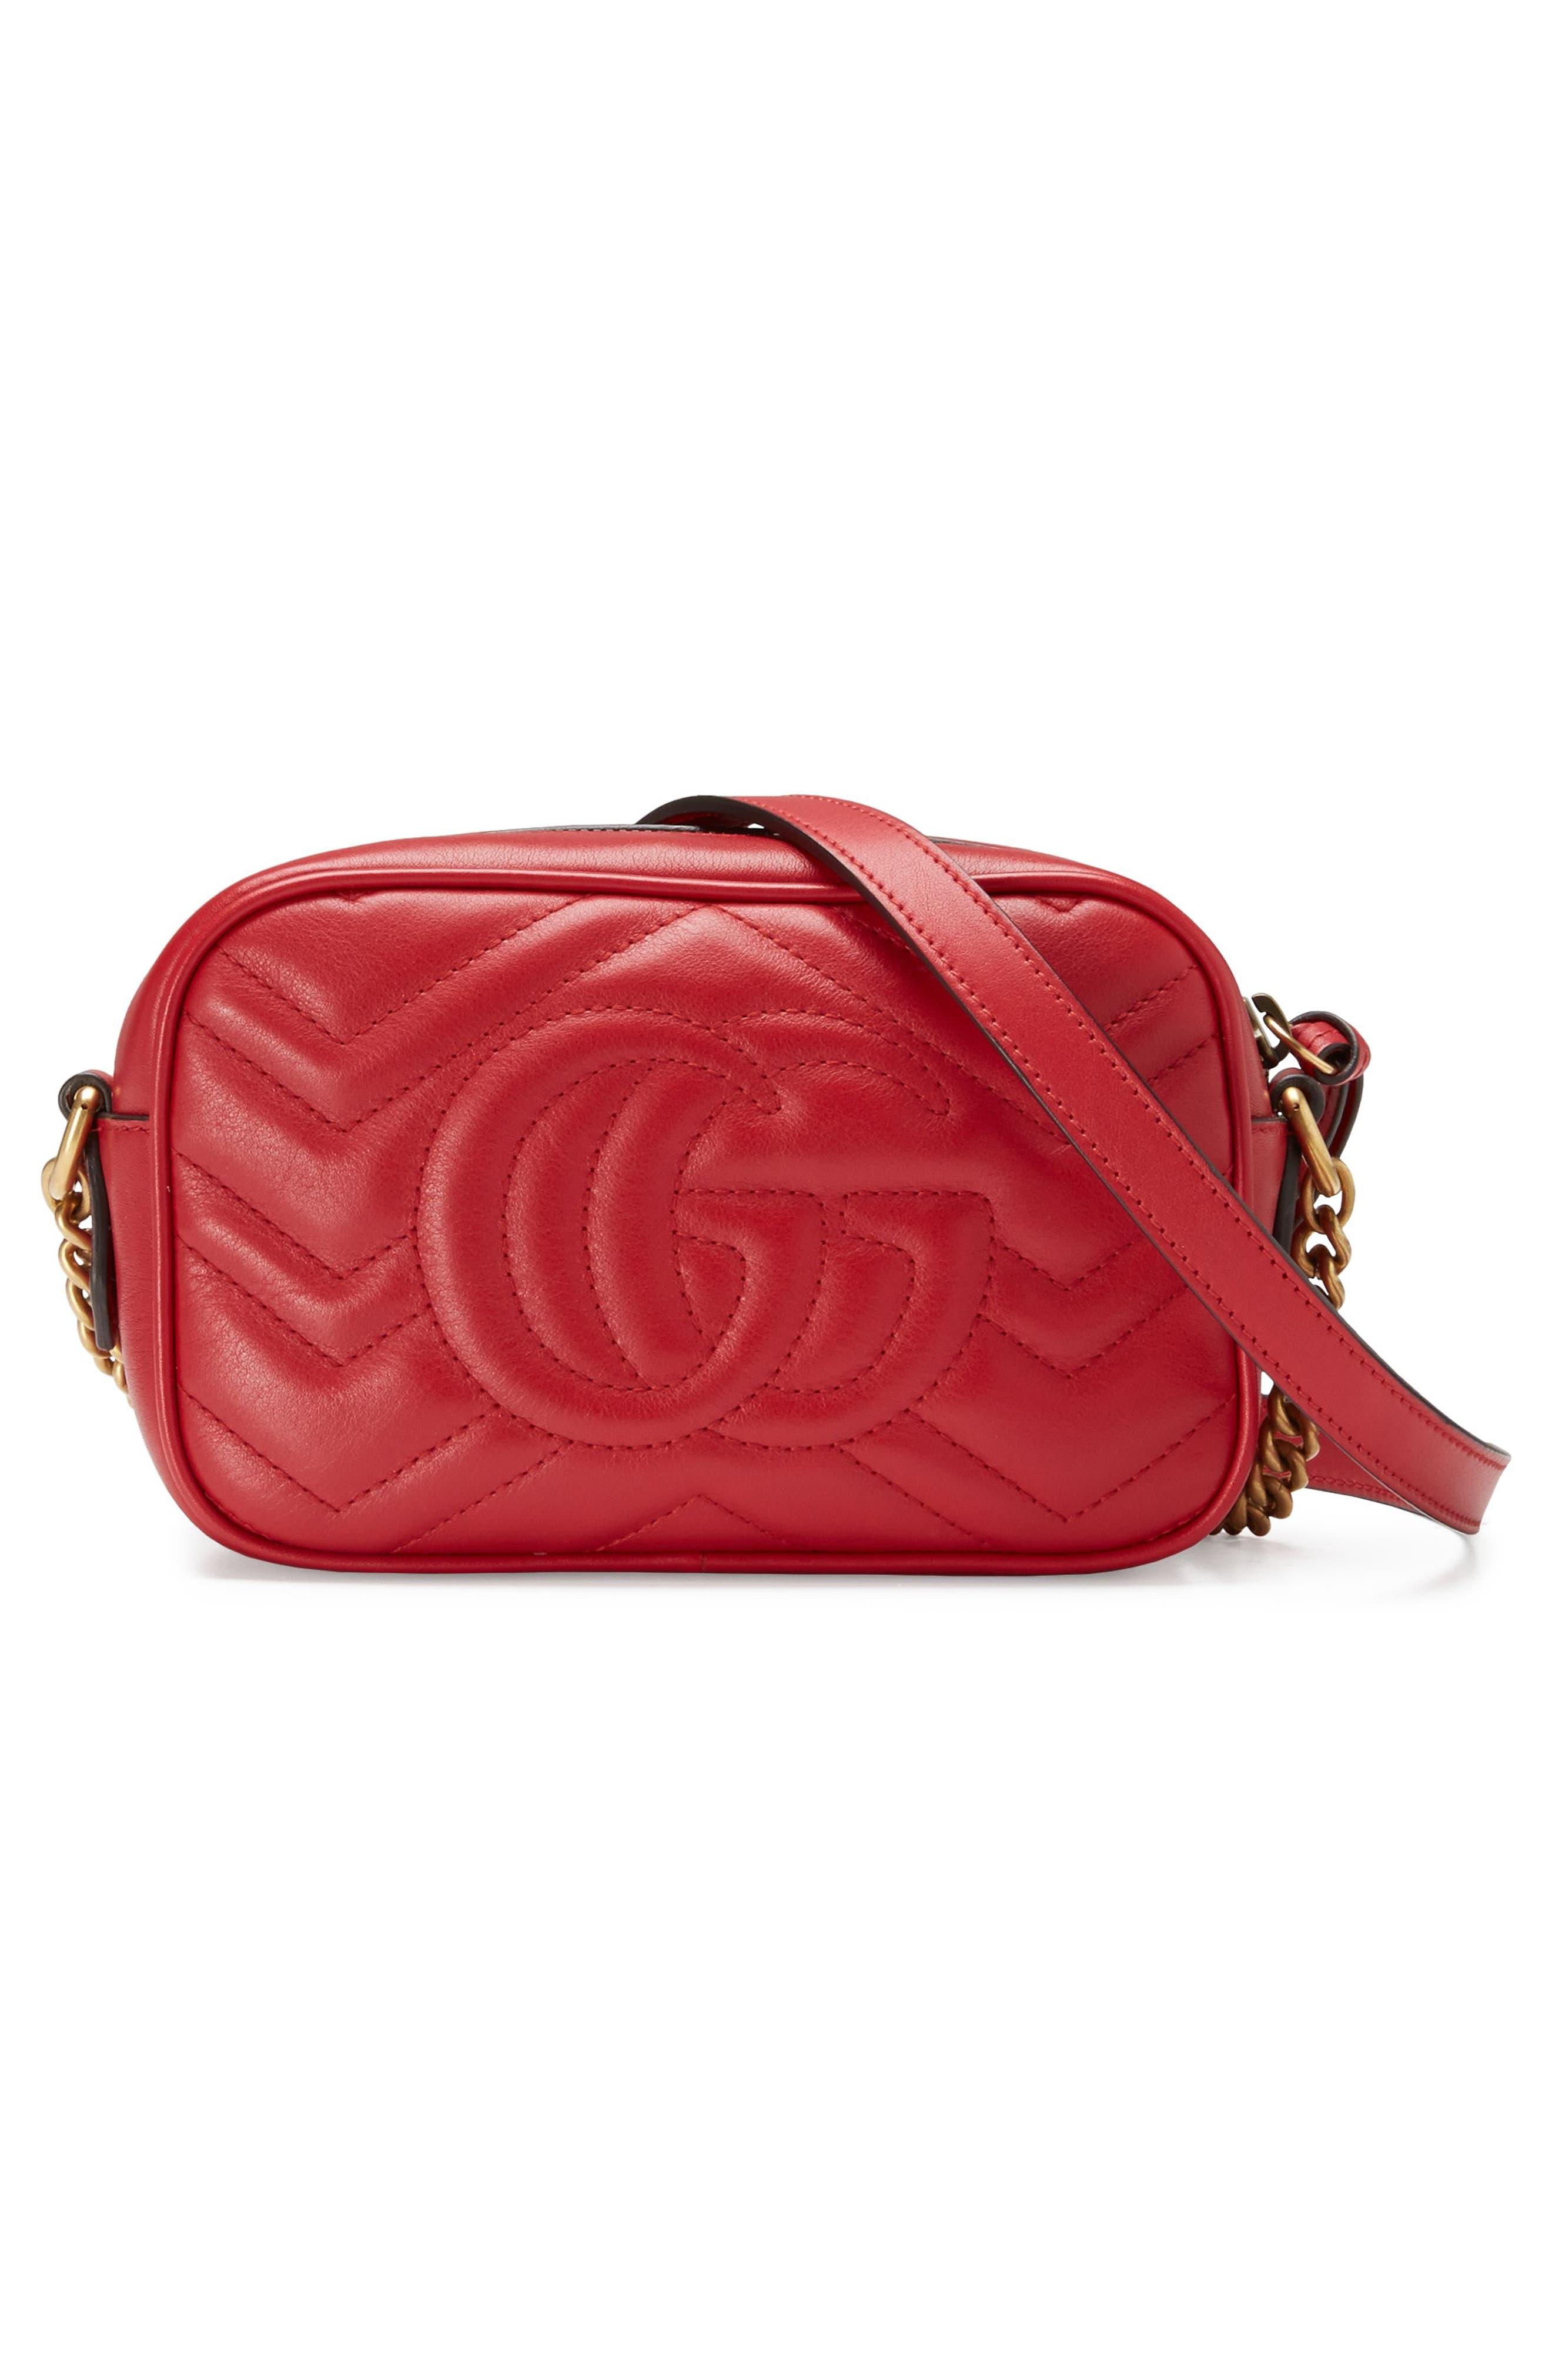 706f6ad72ec9 Gucci Crossbody Bags